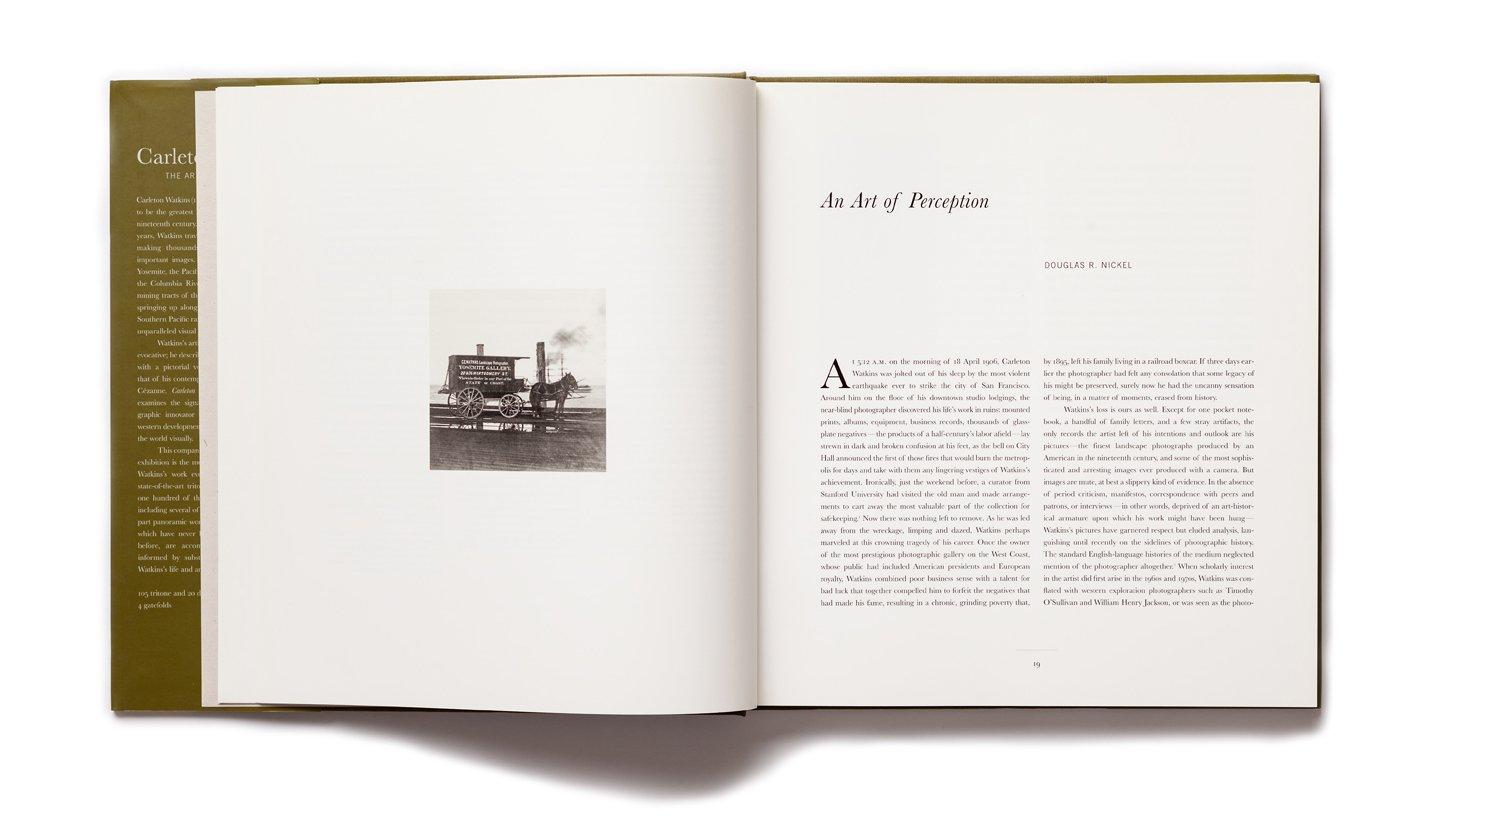 Carleton Watkins, pp. 18-19